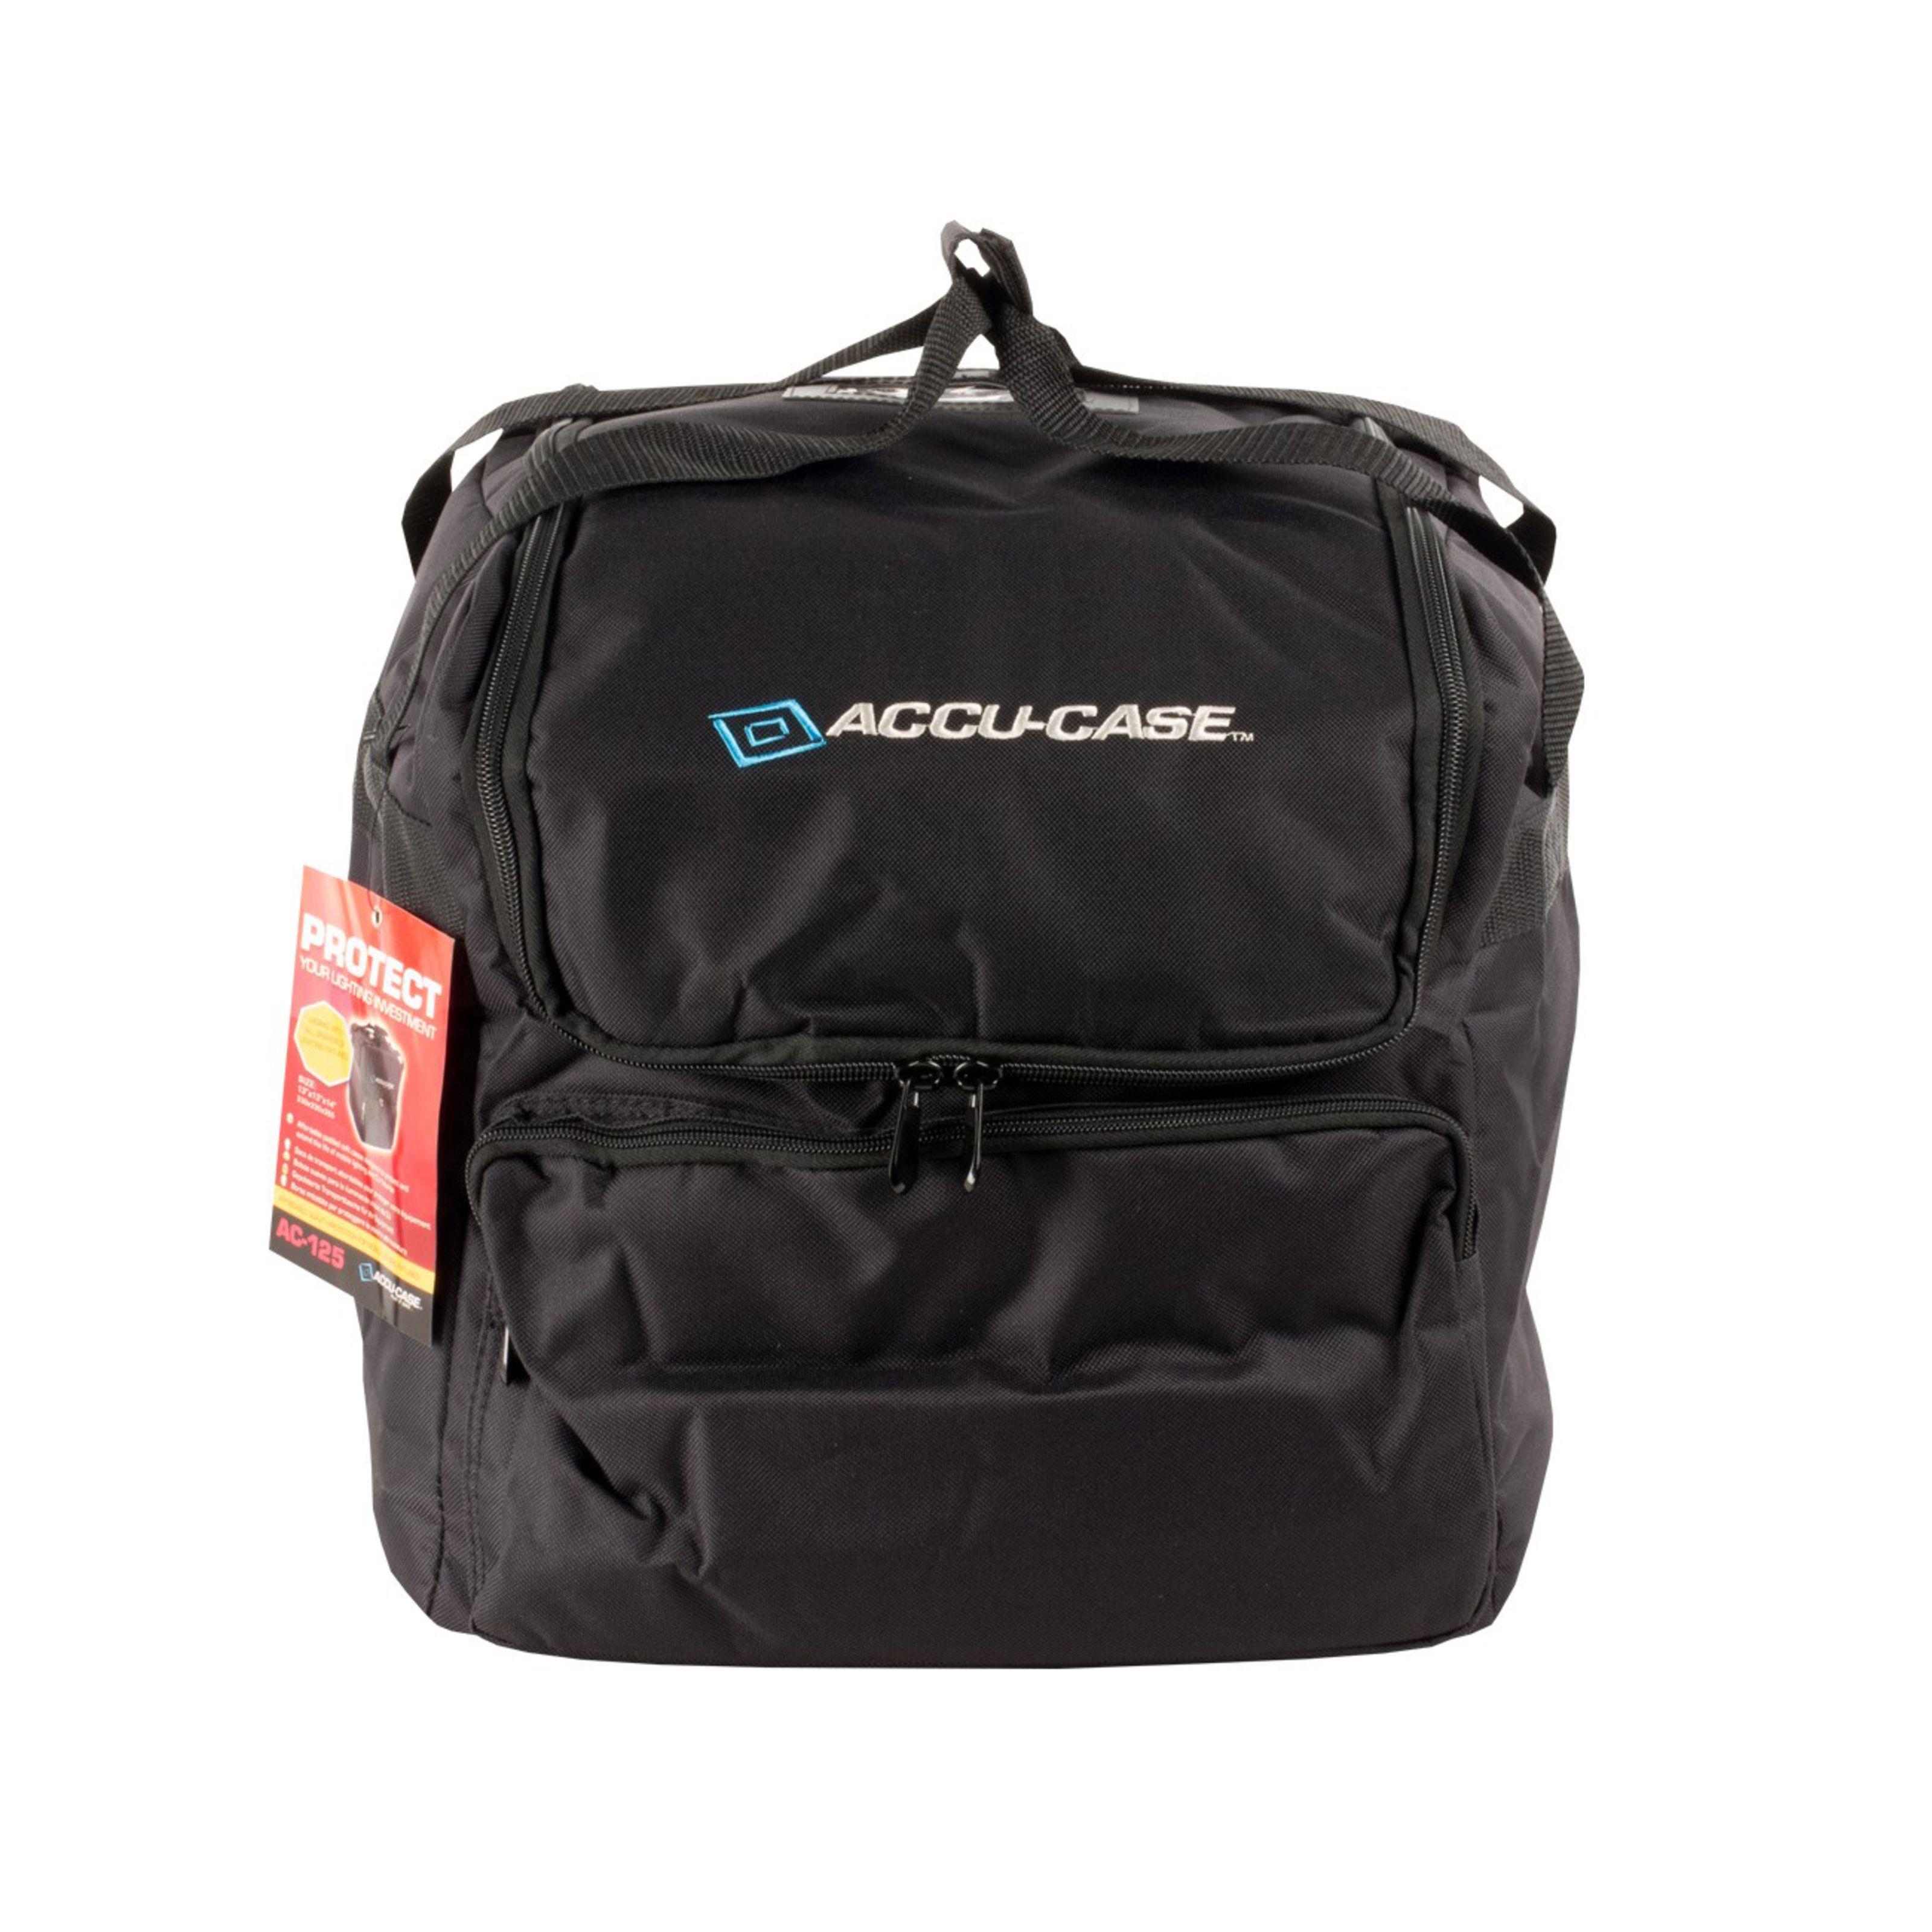 Accu Case - ASC-AC-125 Transporttasche 330 x 330 x 300 mm